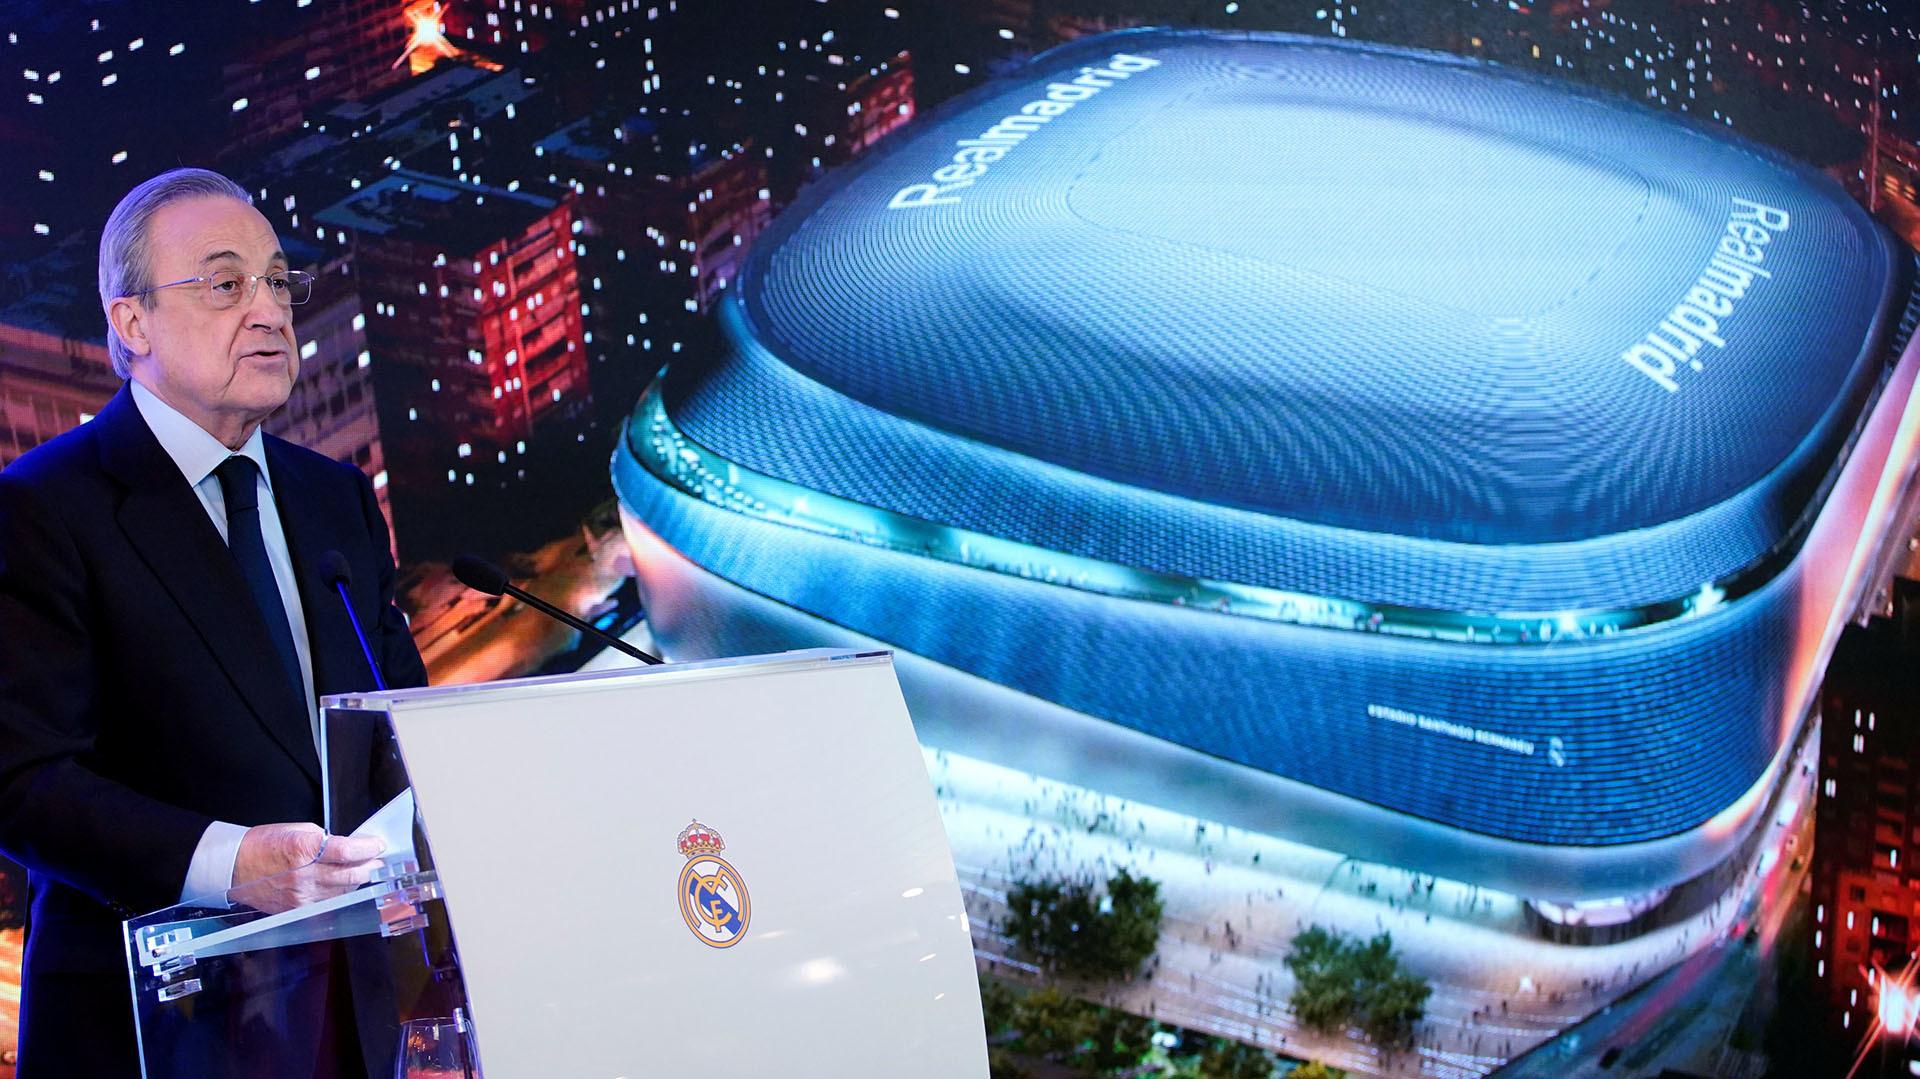 """Обновленный """"Сантьяго Бернабеу"""" должен будет приносить """"Реалу"""" 150 миллионов евро в год - изображение 3"""